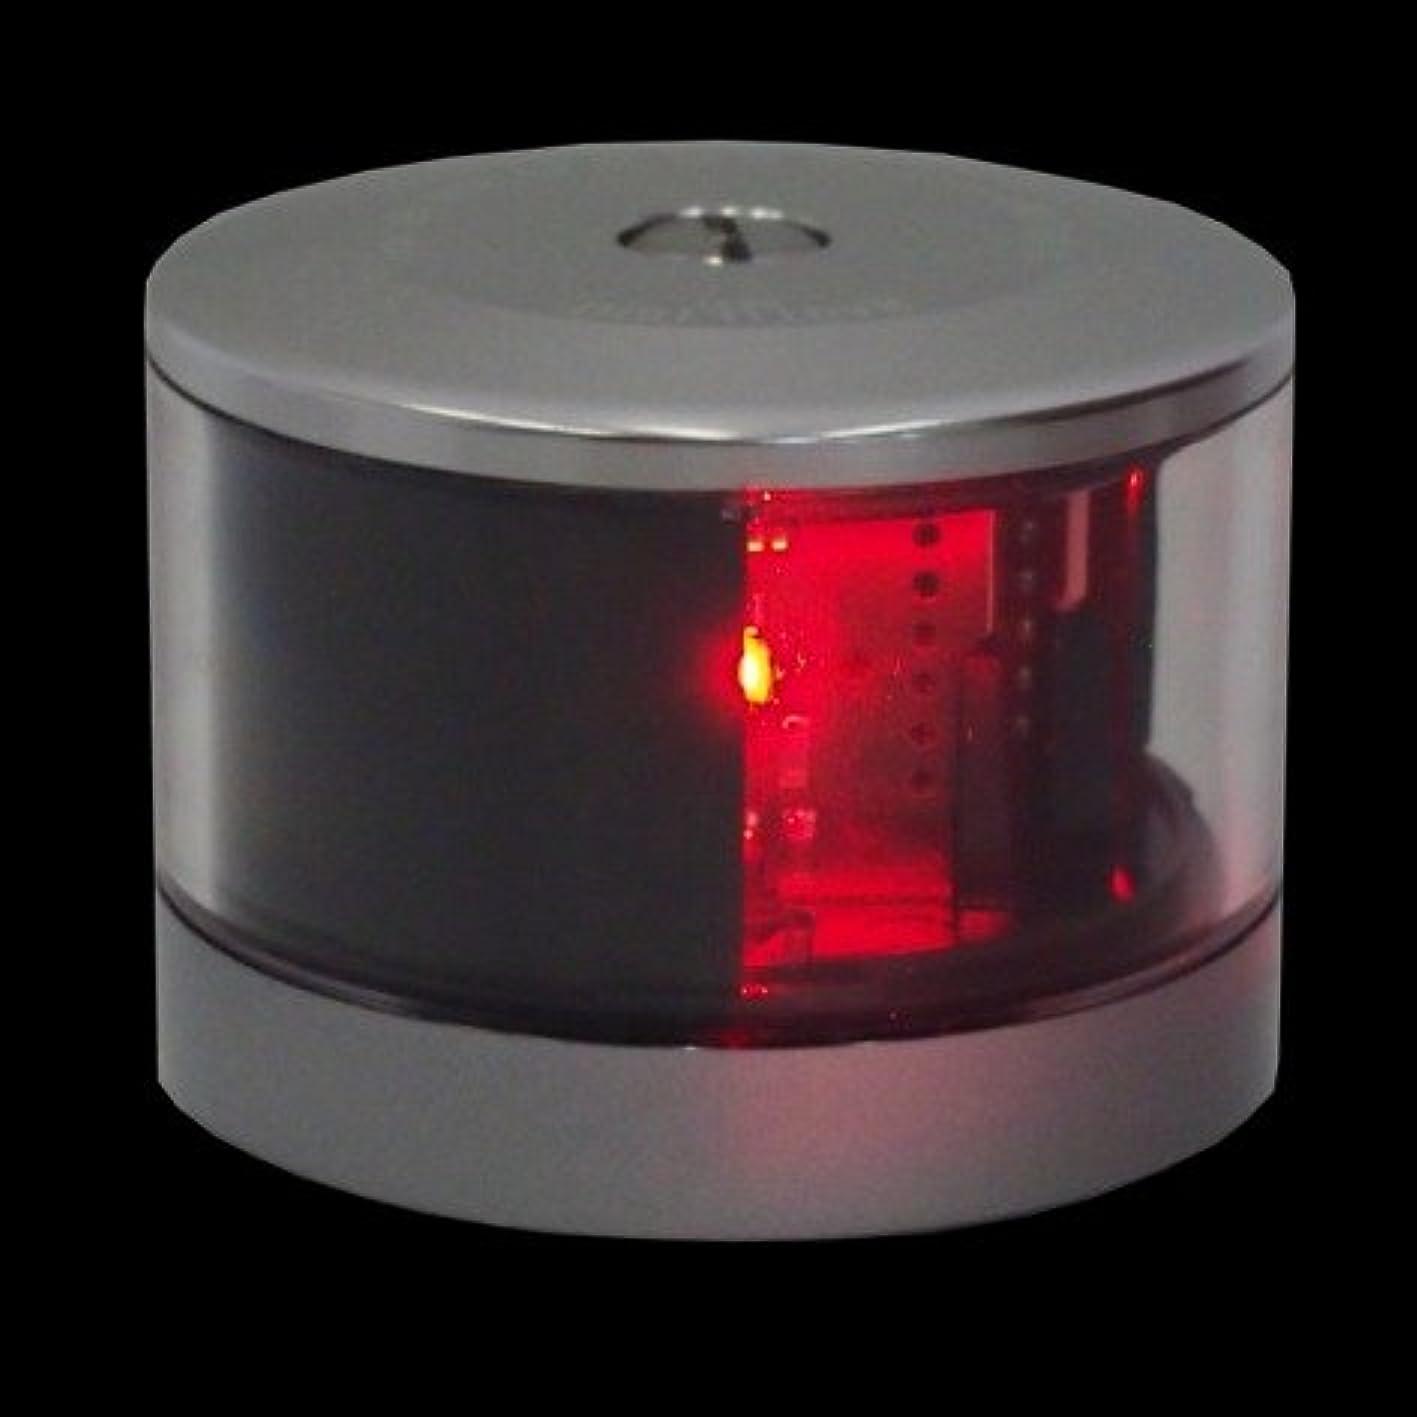 酒上院存在するLED航海灯 第二種舷灯(紅) NLSG-2R 2014年新基準適合品 伊吹工業 20M未満船舶用 JCI検定品